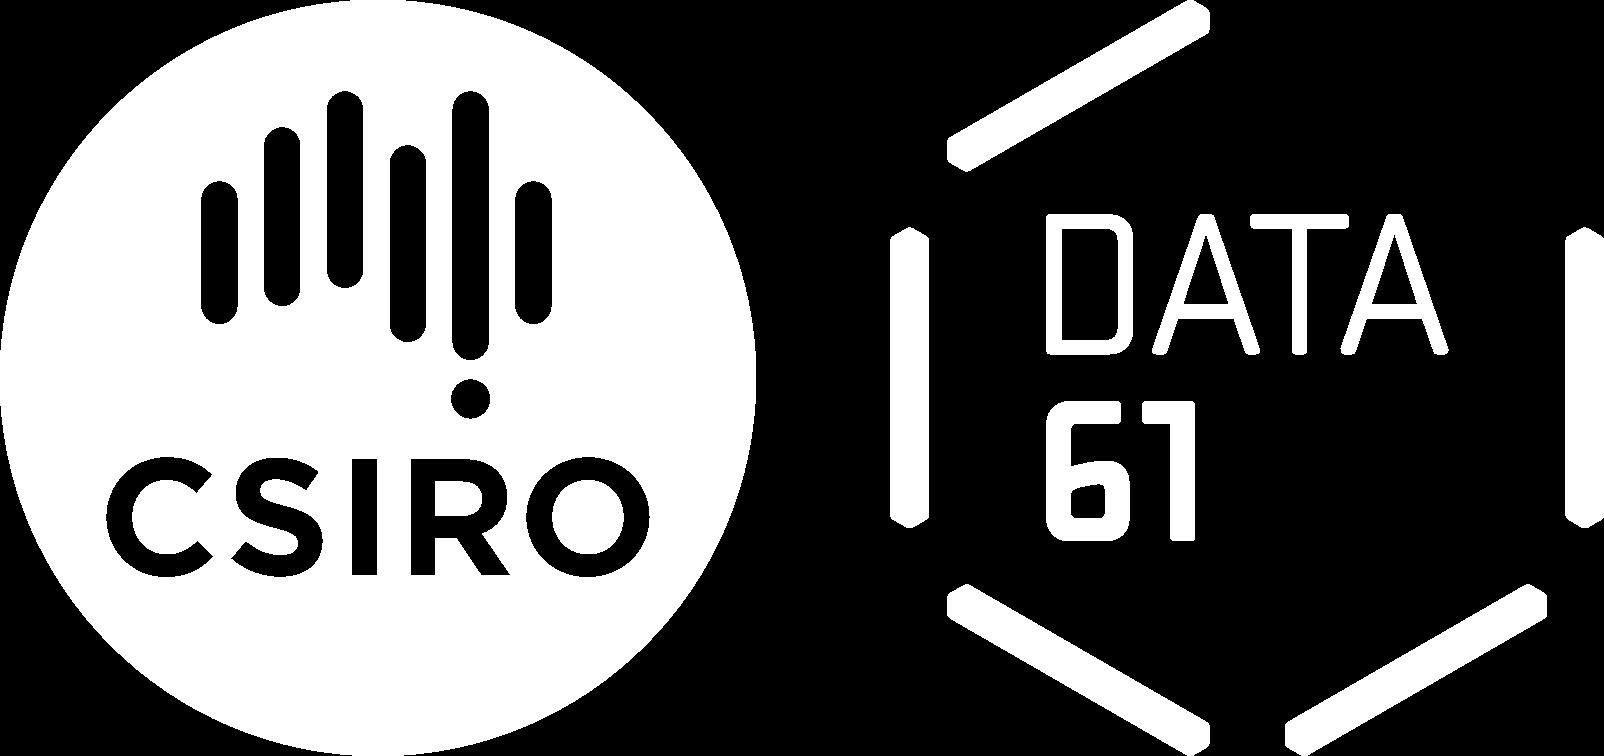 CSIRO-Data61-white@2x.png